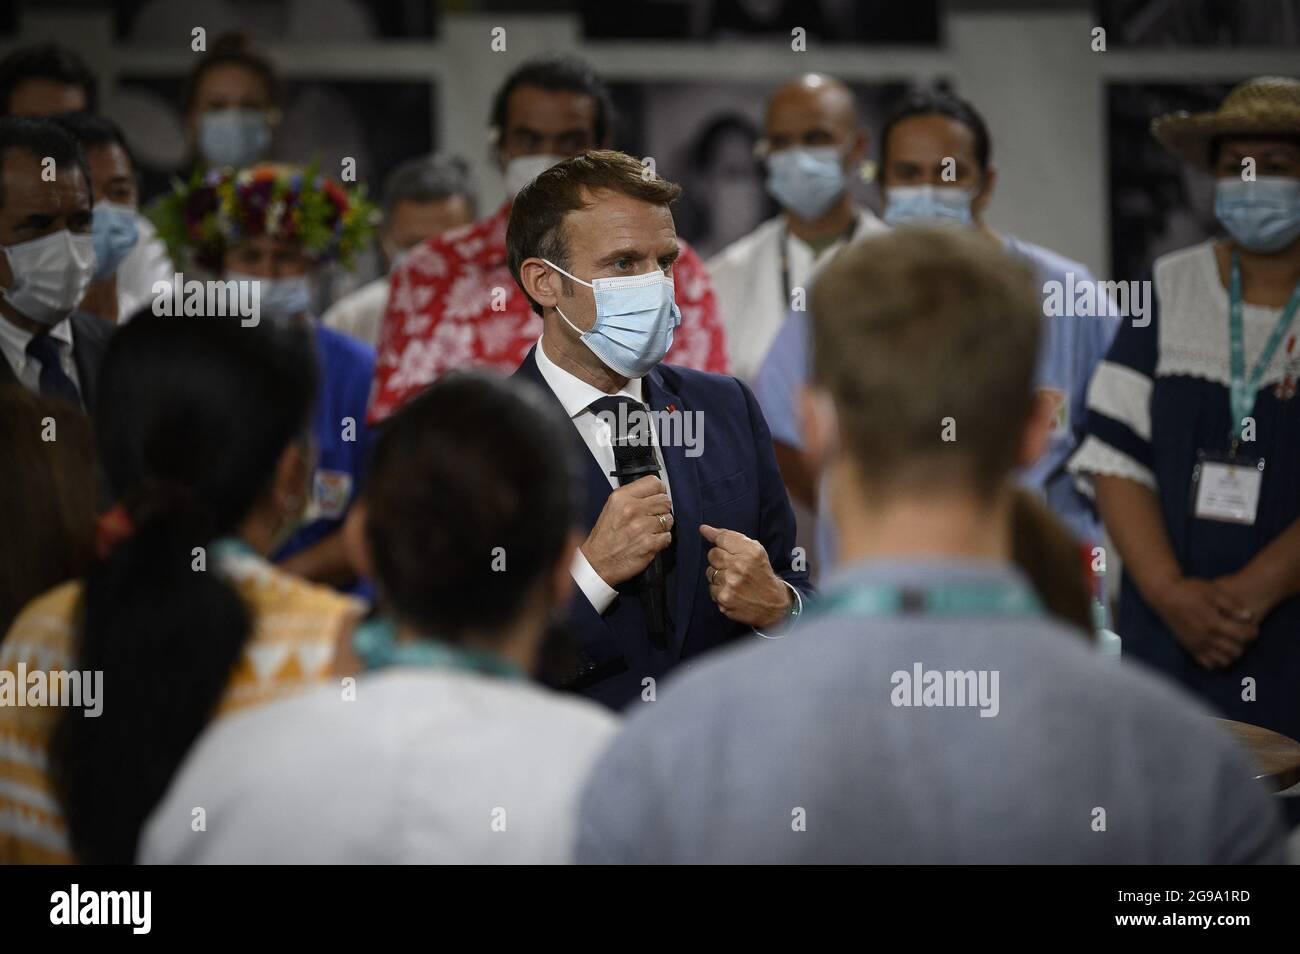 Le président français Emmanuel Macron (C) s'entretient avec des médecins et des infirmières travaillant au Centre hospitalier de Polynésie française à Papeete à l'arrivée de ce dernier à Tahiti, en Polynésie française, le 24 juillet 2021. Photo par Eliot Blondt/ABACAPRESS.COM Banque D'Images